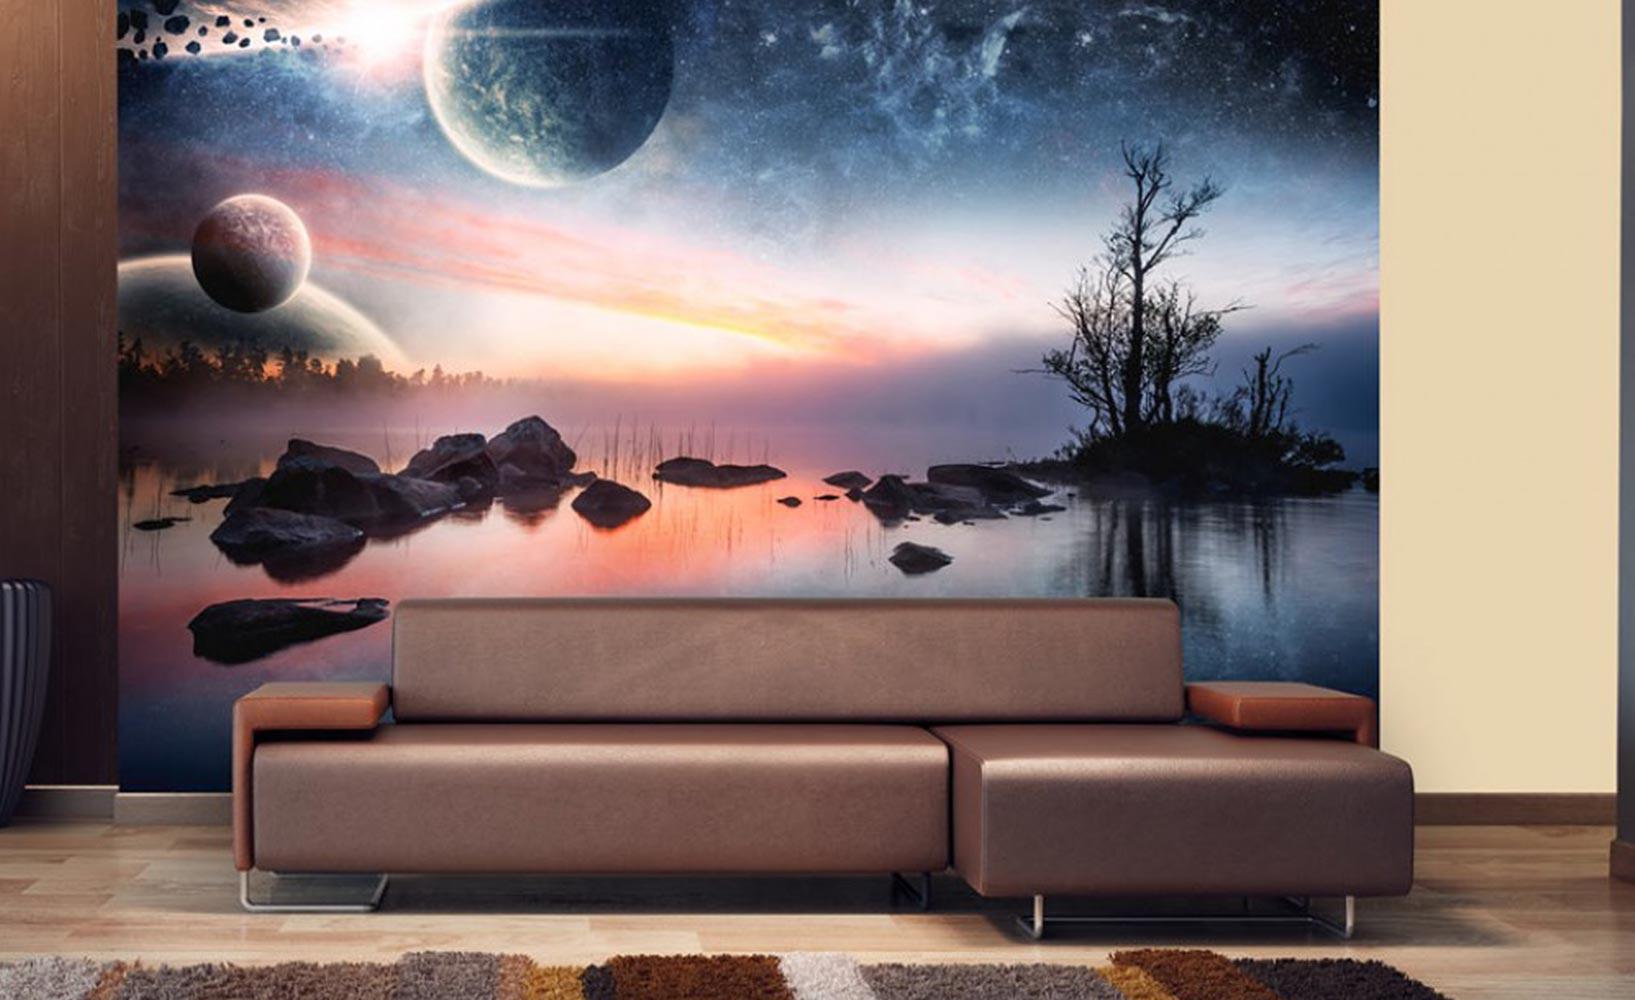 mit fototapeten ganz einfach stilvoll dekorieren. Black Bedroom Furniture Sets. Home Design Ideas